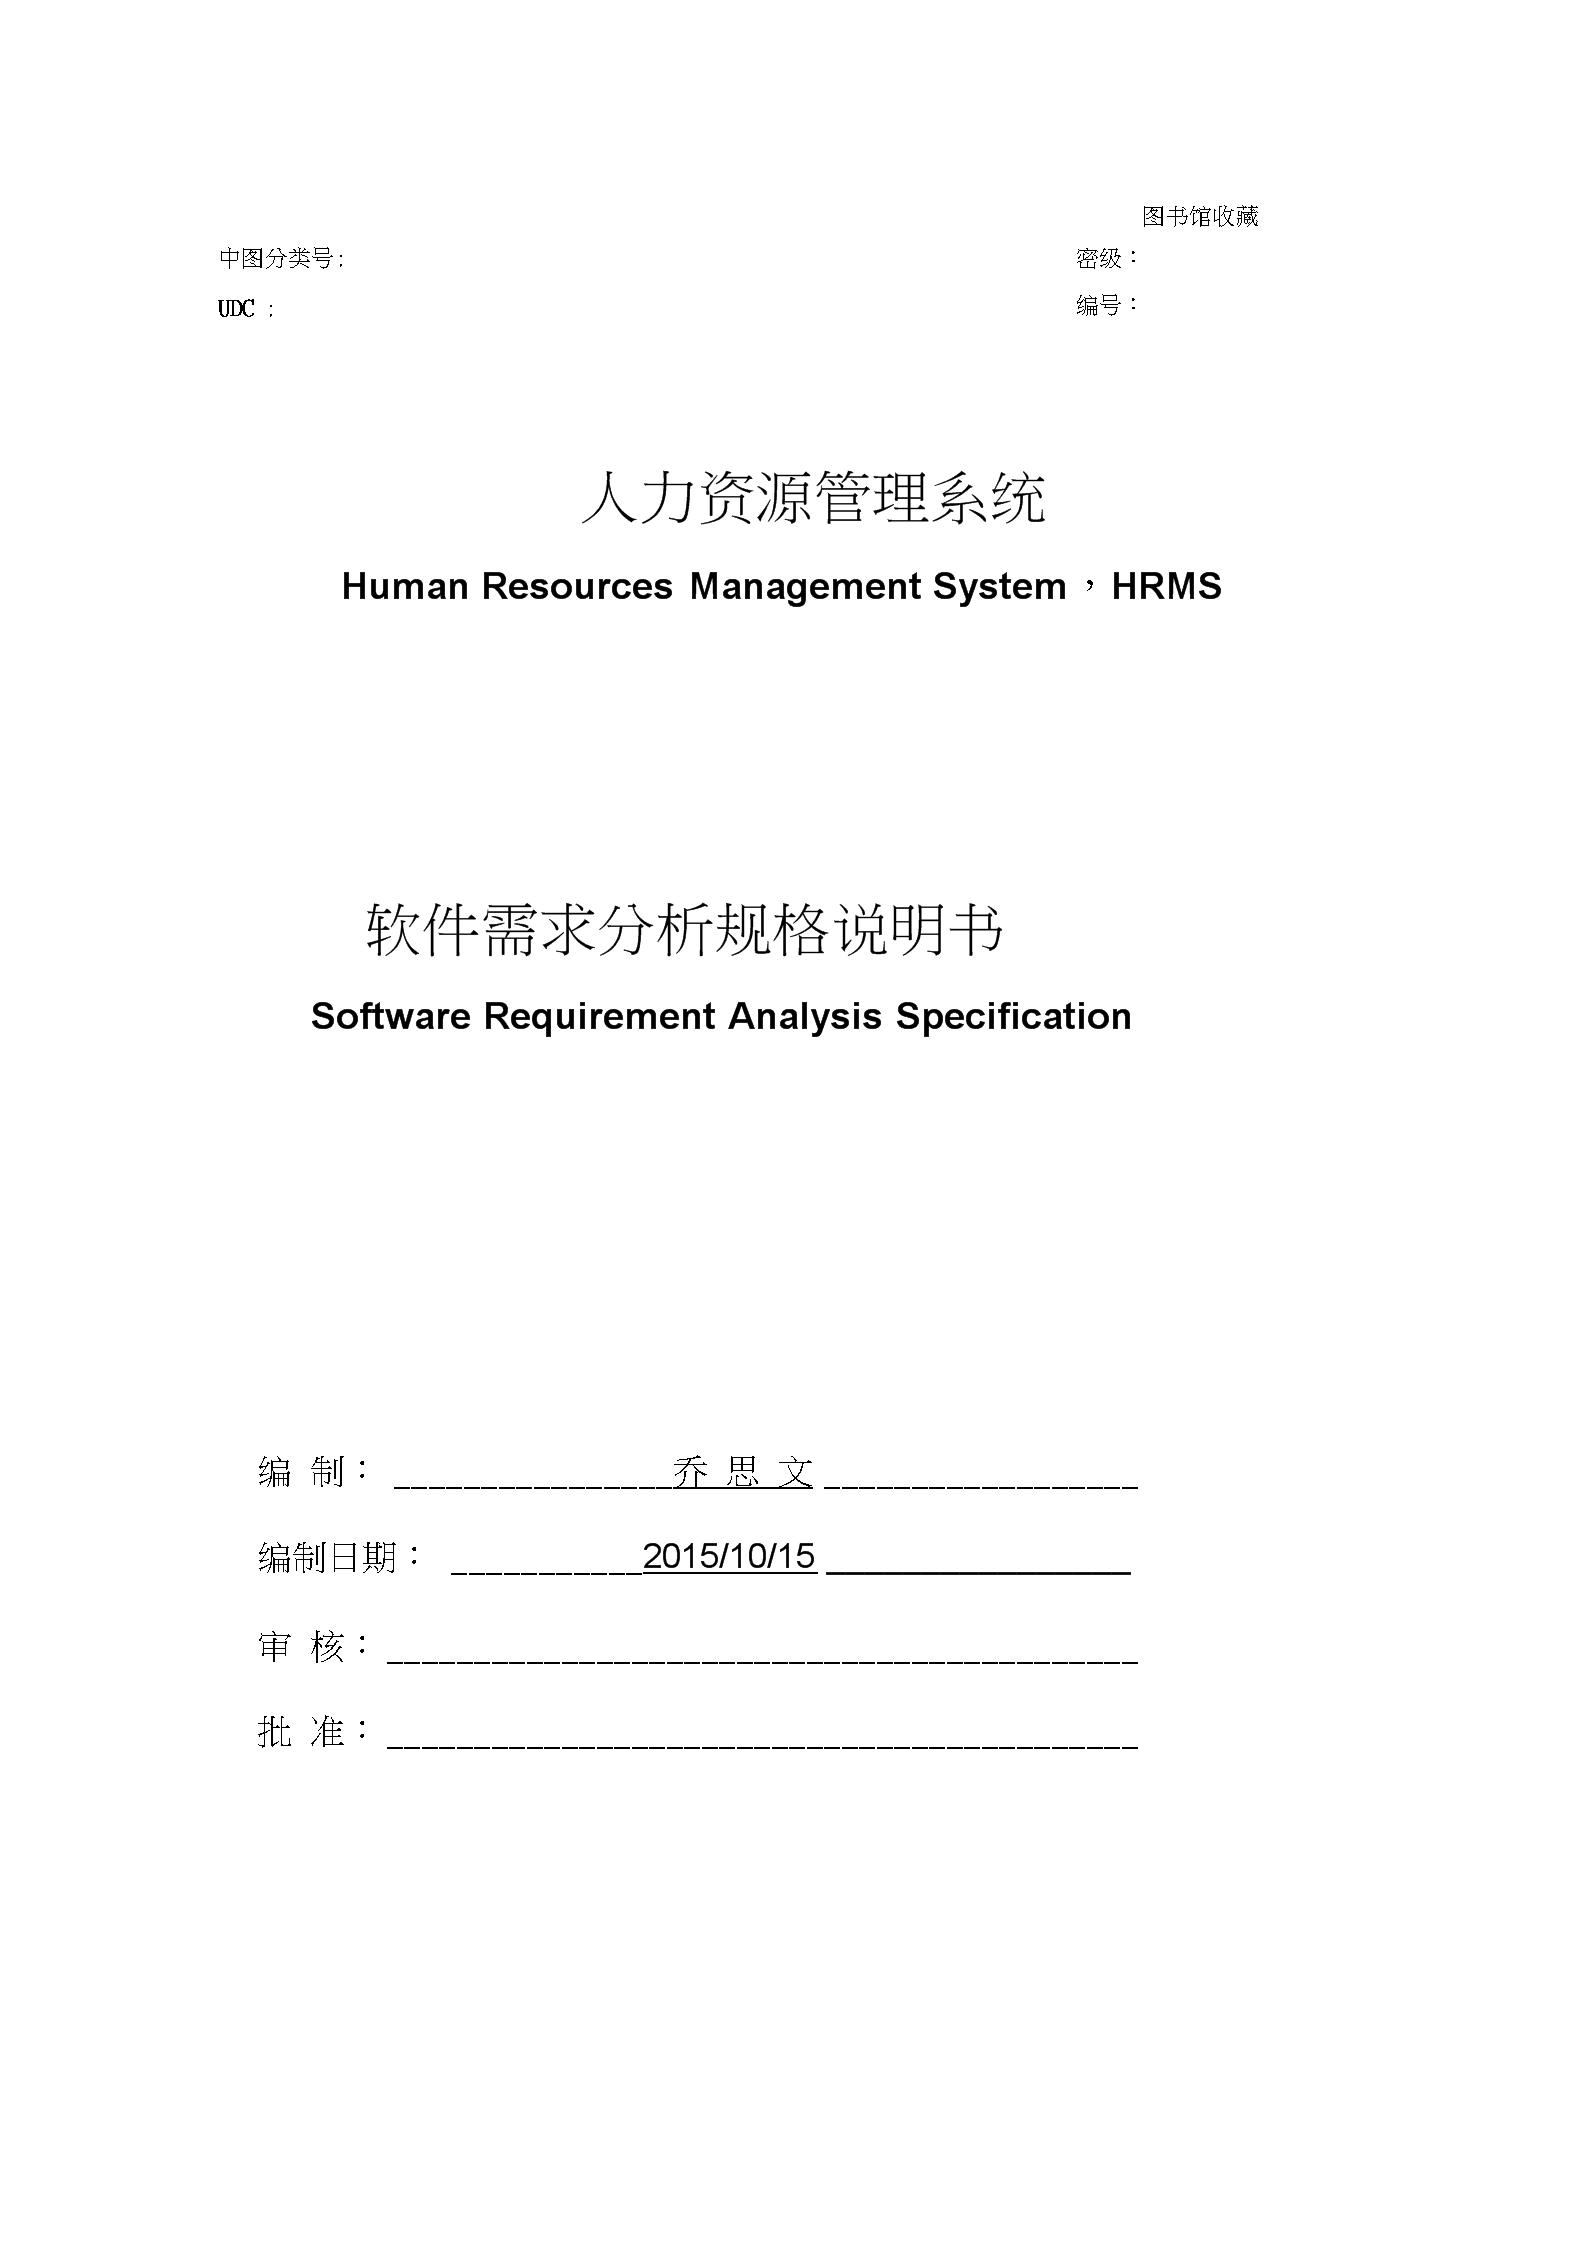 最新需求分析-人事管理系统资料.docx